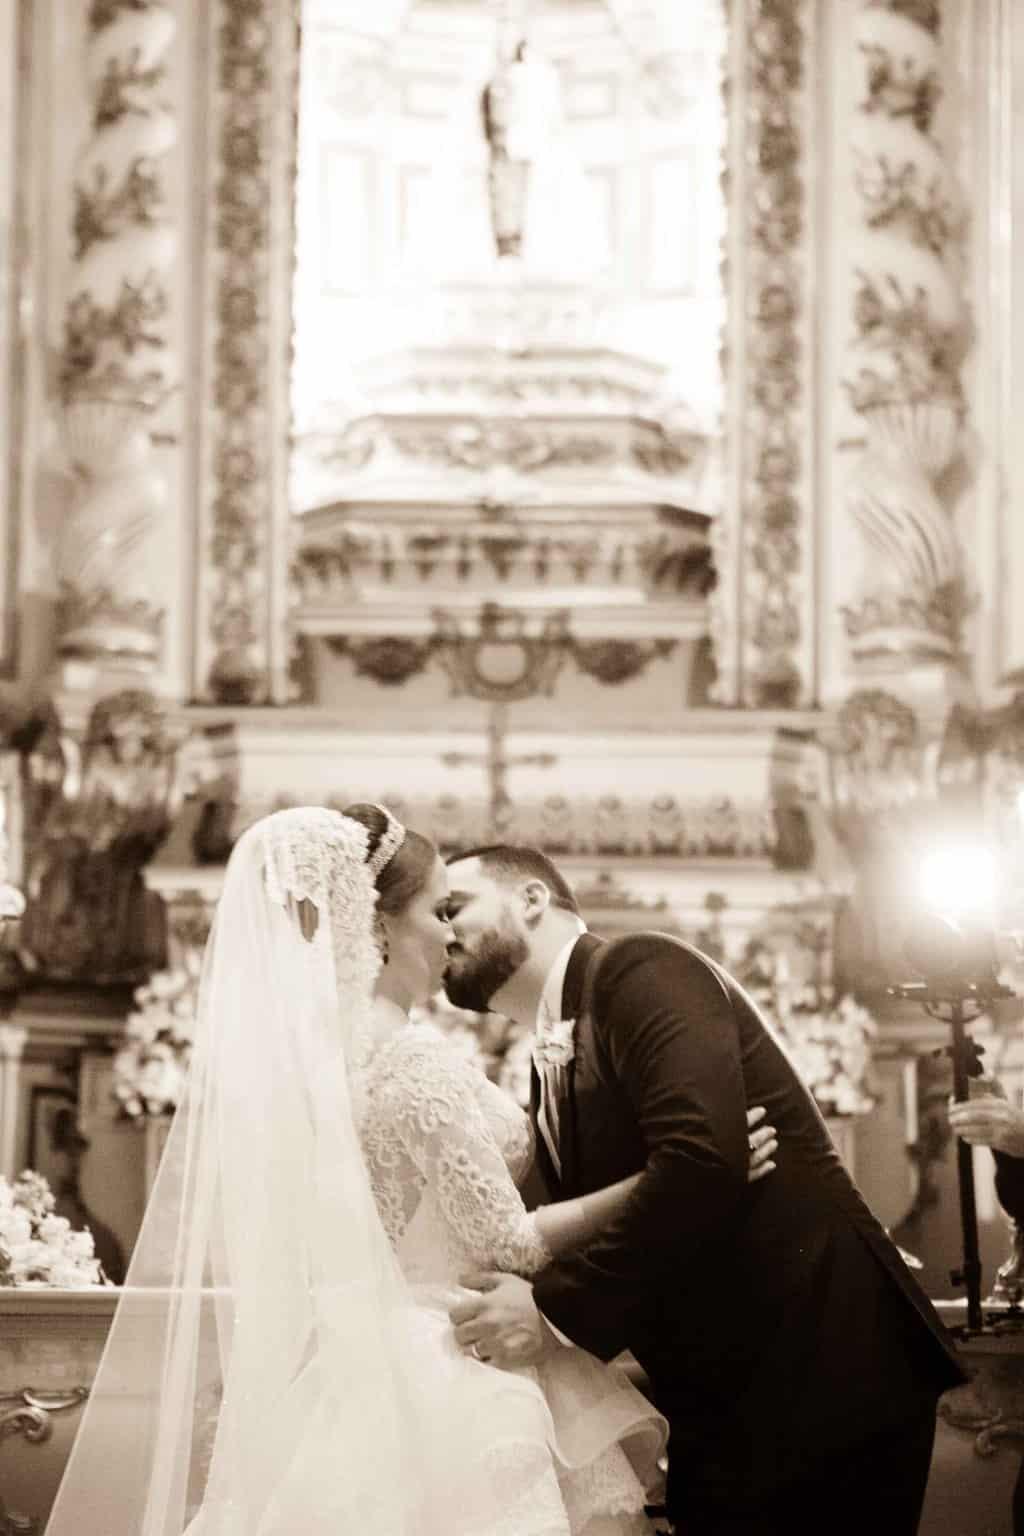 Casamento-Clássico-Casamento-tradicional-Cerimônia-Copacabana-Palace-Monica-Roias-Ribas-Foto-e-Vídeo-Tuanny-e-Bernardo-CaseMe-20